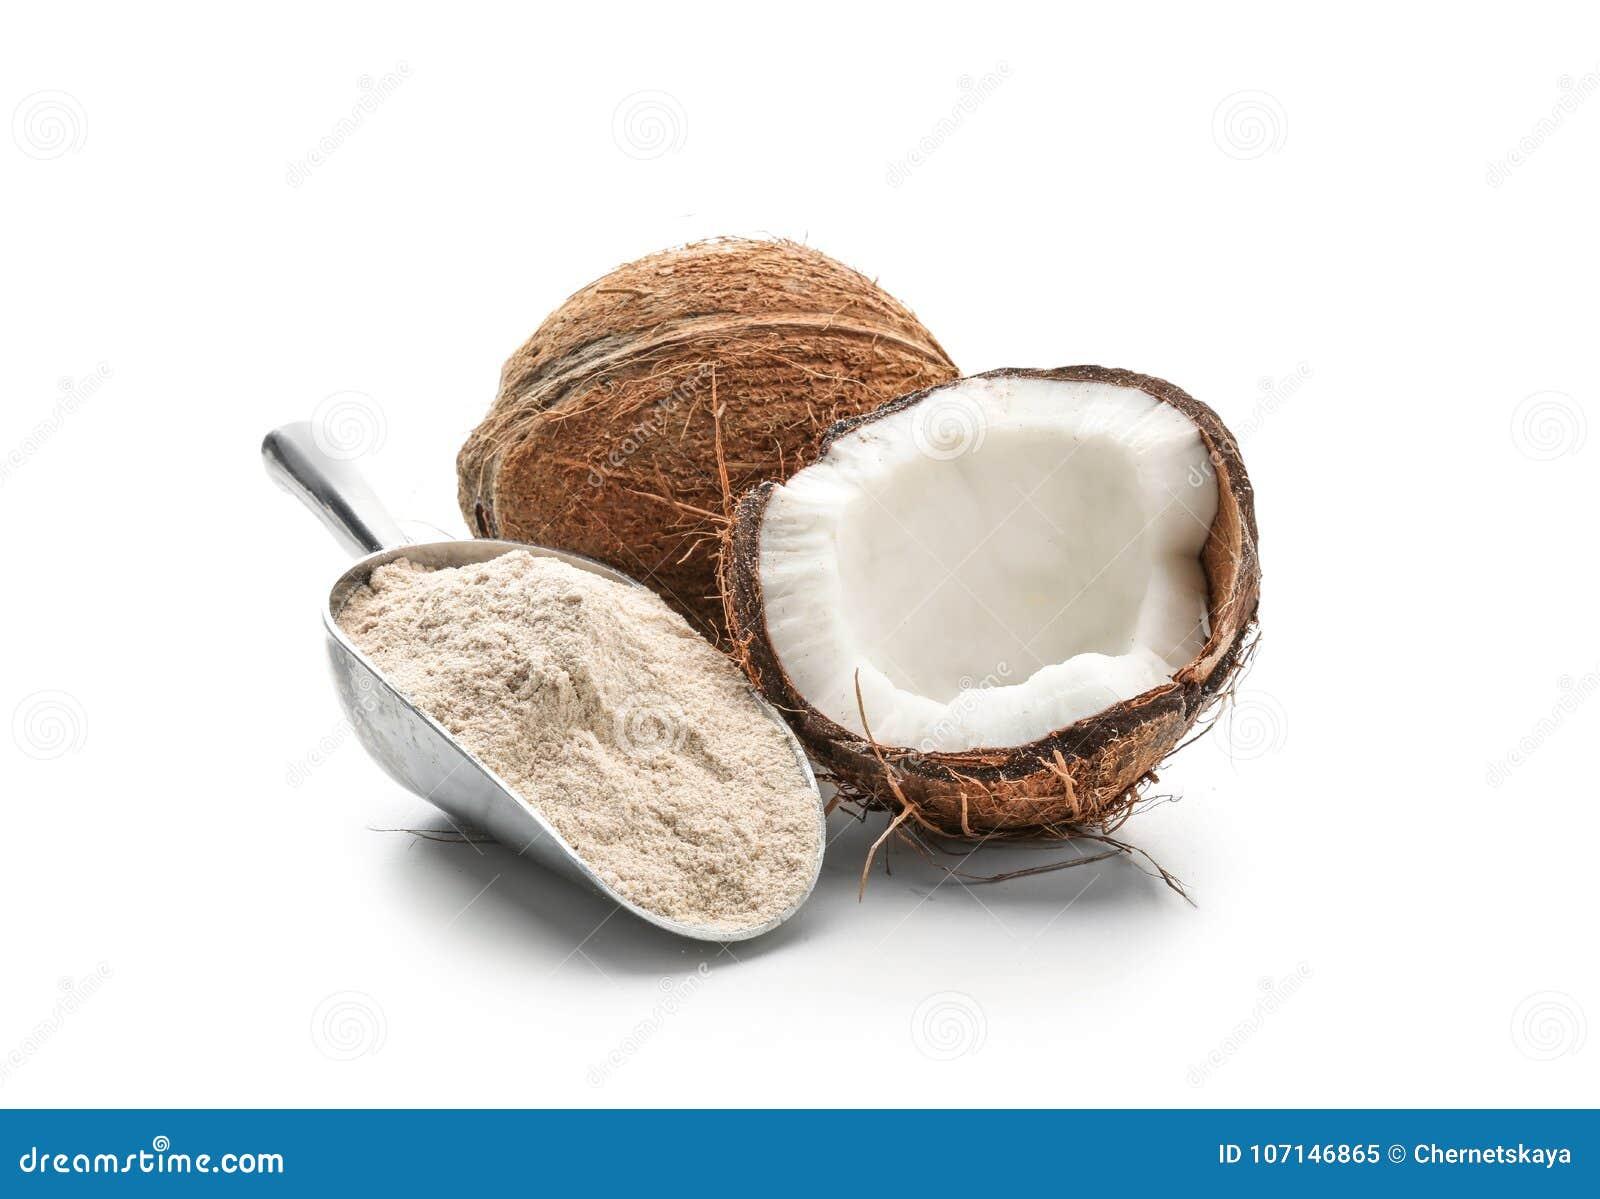 Schaufel mit Kokosnussmehl und -nuß